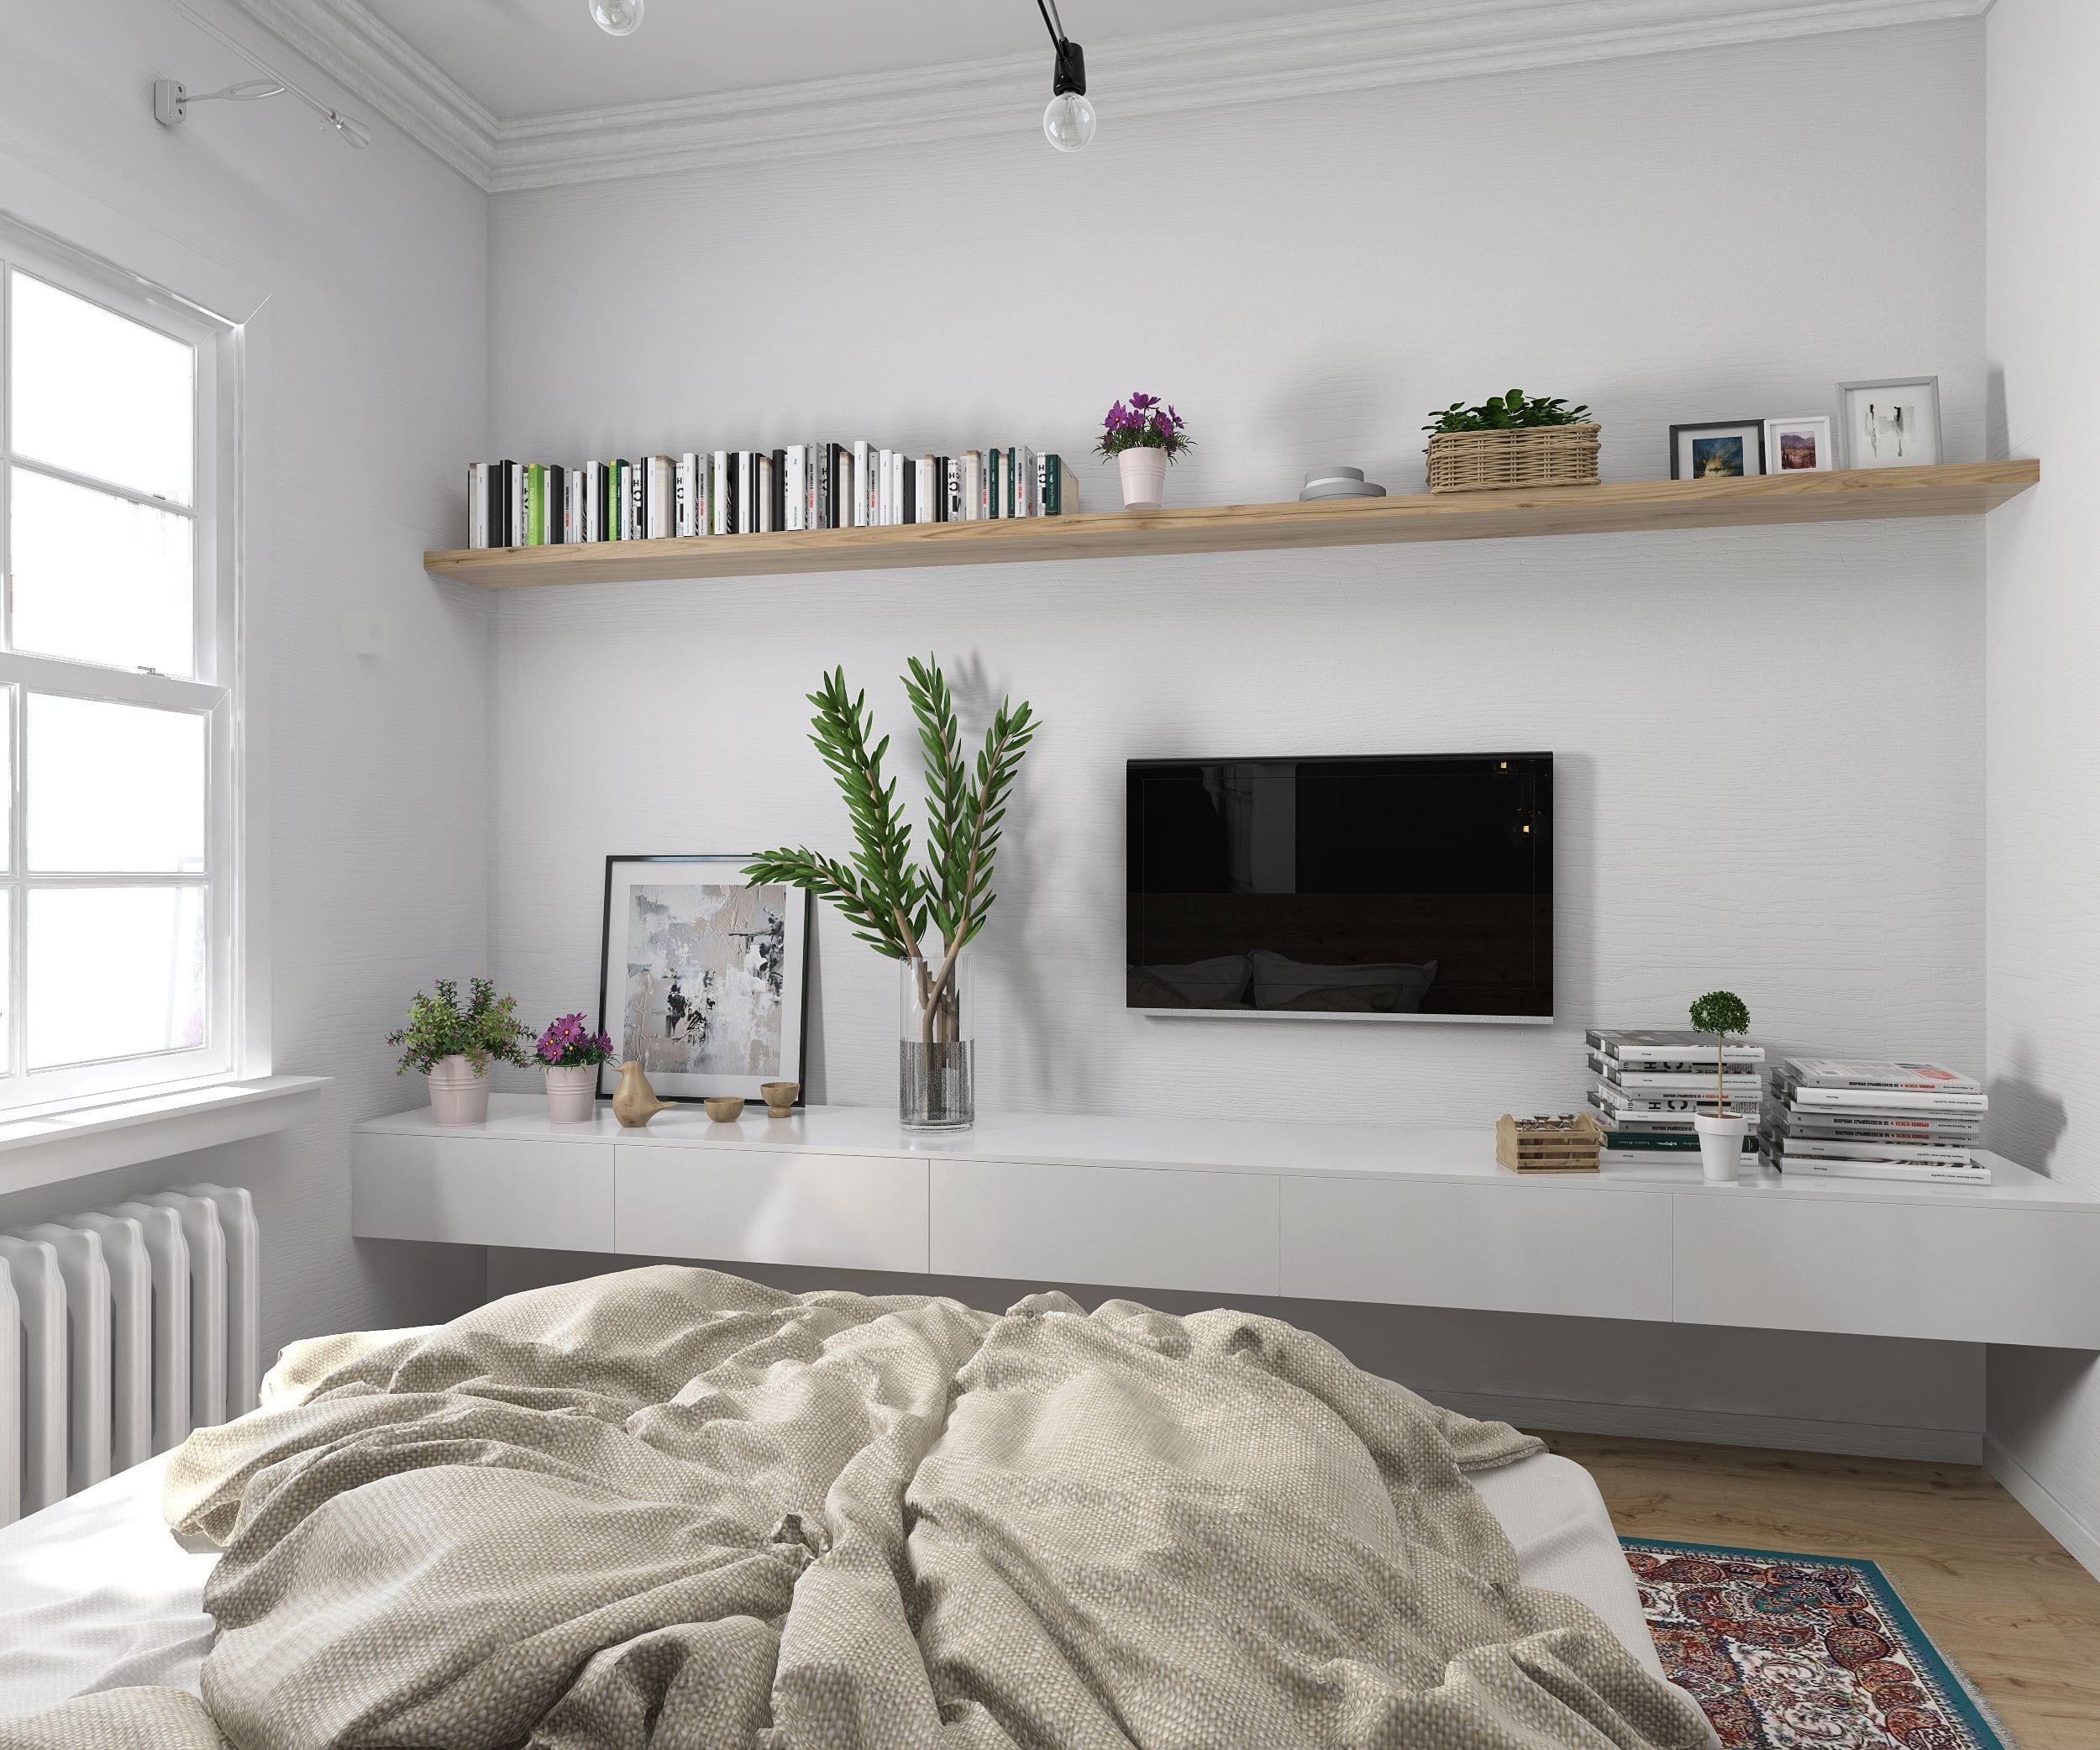 Дизайн интерьера спальни - Интерьер нежной спальни | 2083x2500